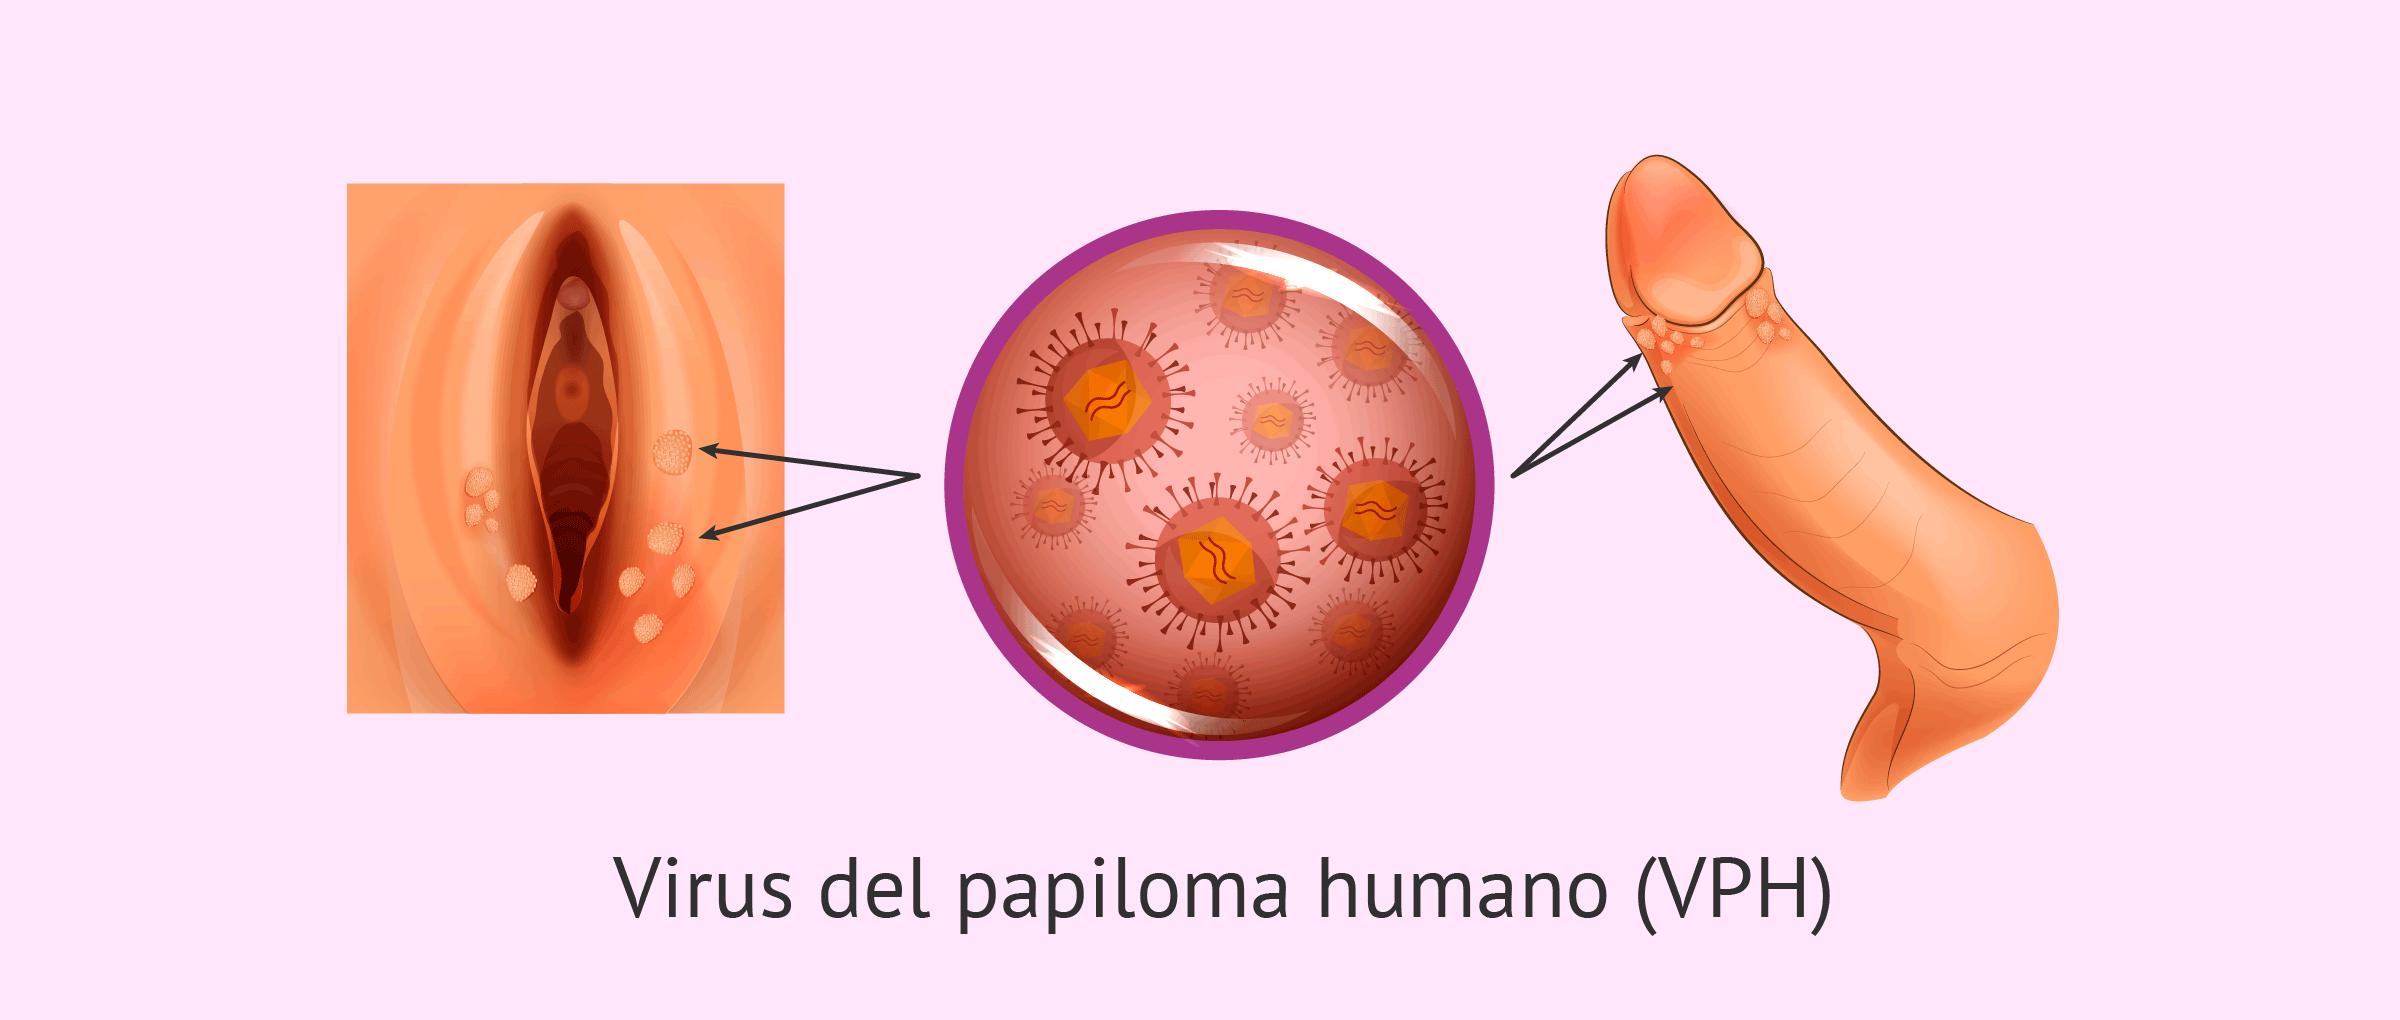 come si diagnostica il papilloma virus nelluomo